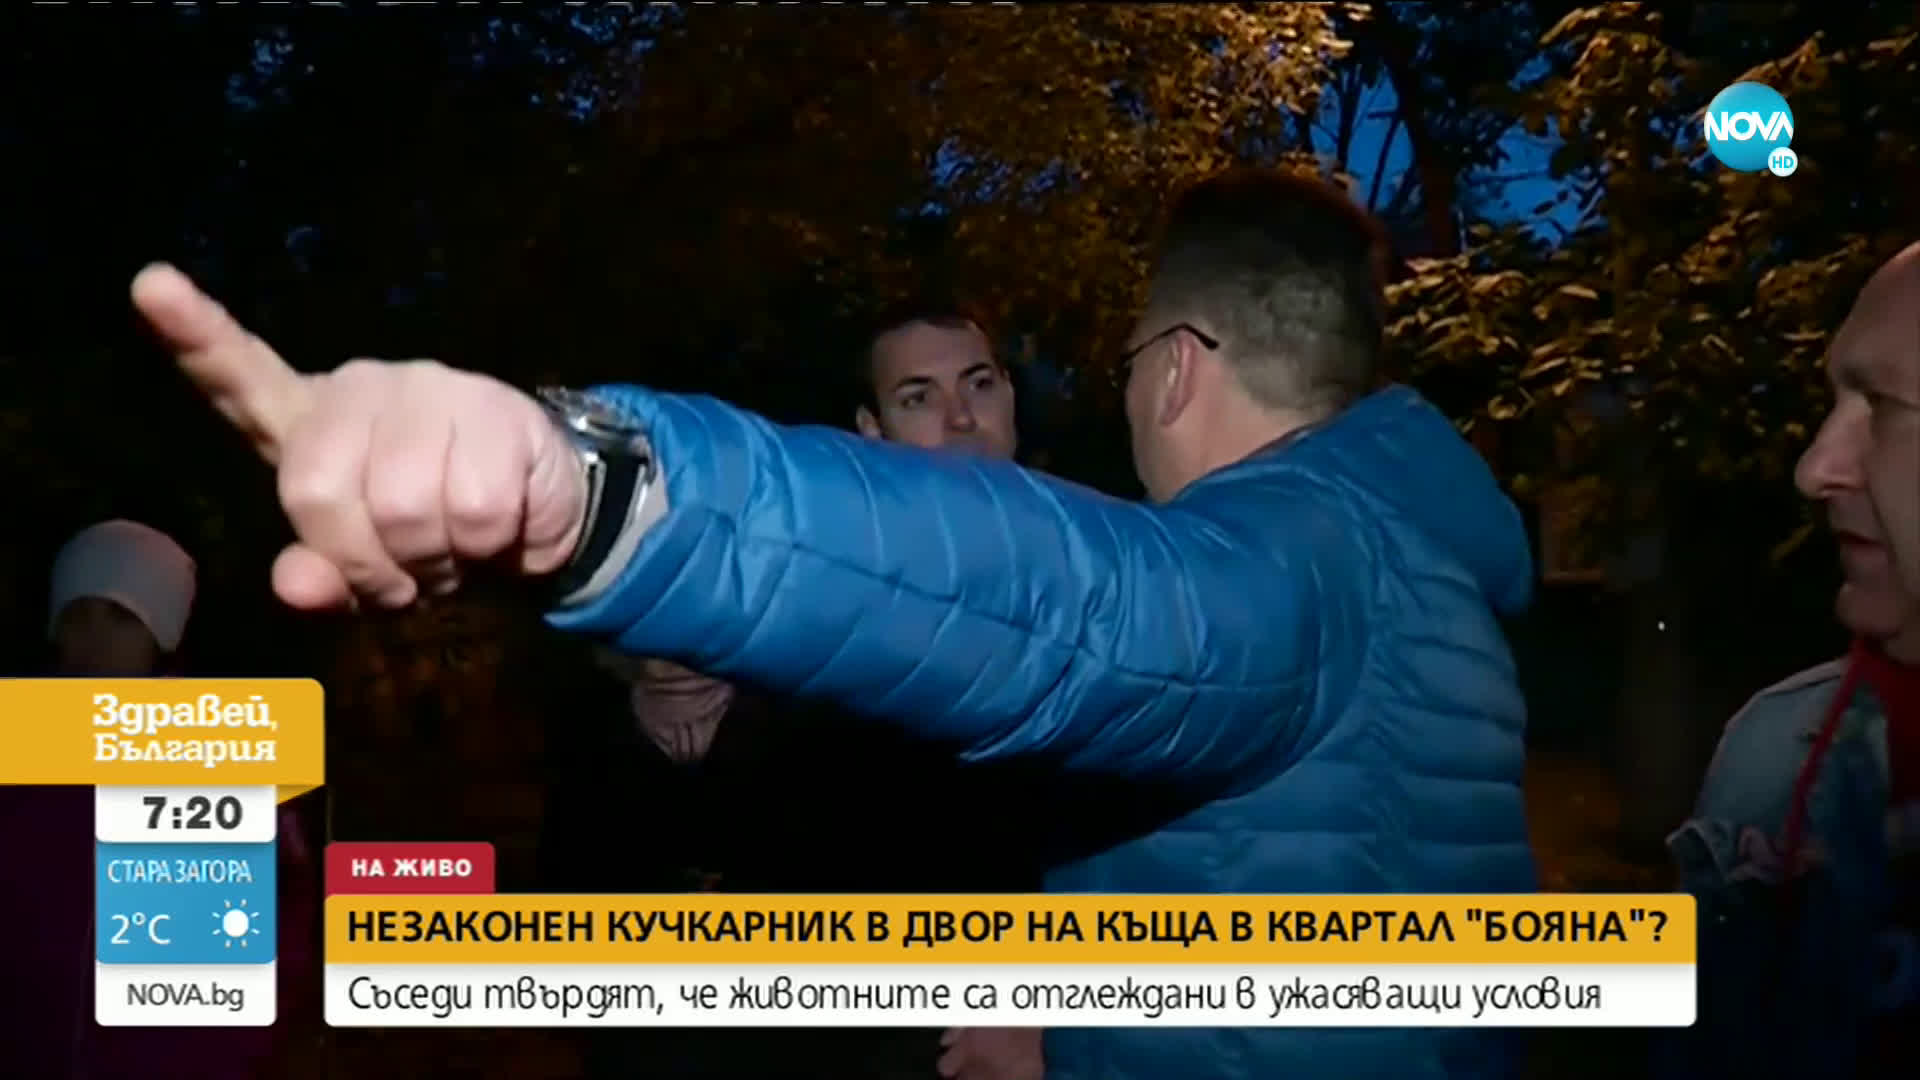 Граждани се оплакват от кучкарник в двор на къща в столичен квартал